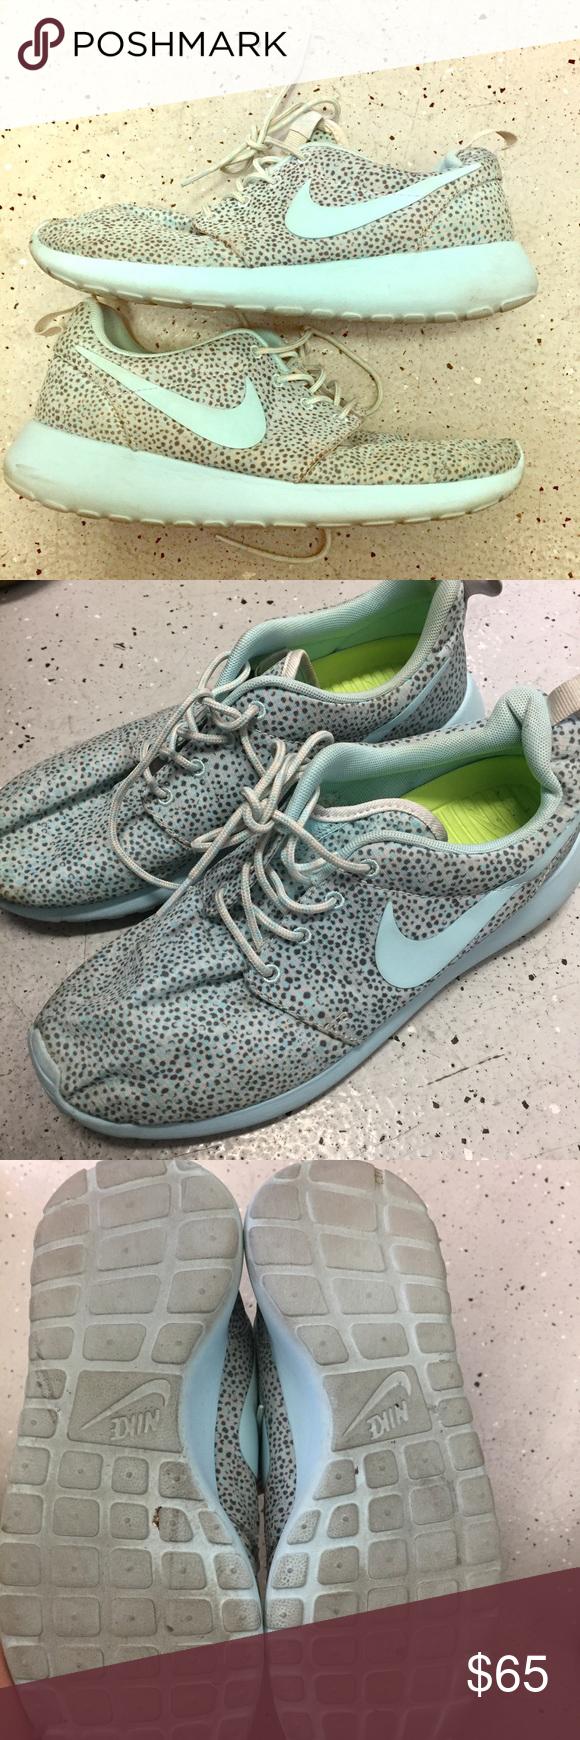 476ffe784f2f Glacier Ice Blue Nike Roshe Run Print ❄ Women s Roshe Run Print! Size 8!  Color Cool Grey   Glacier Ice-Light Base Grey-Volt. Super cute and has s  unique ...